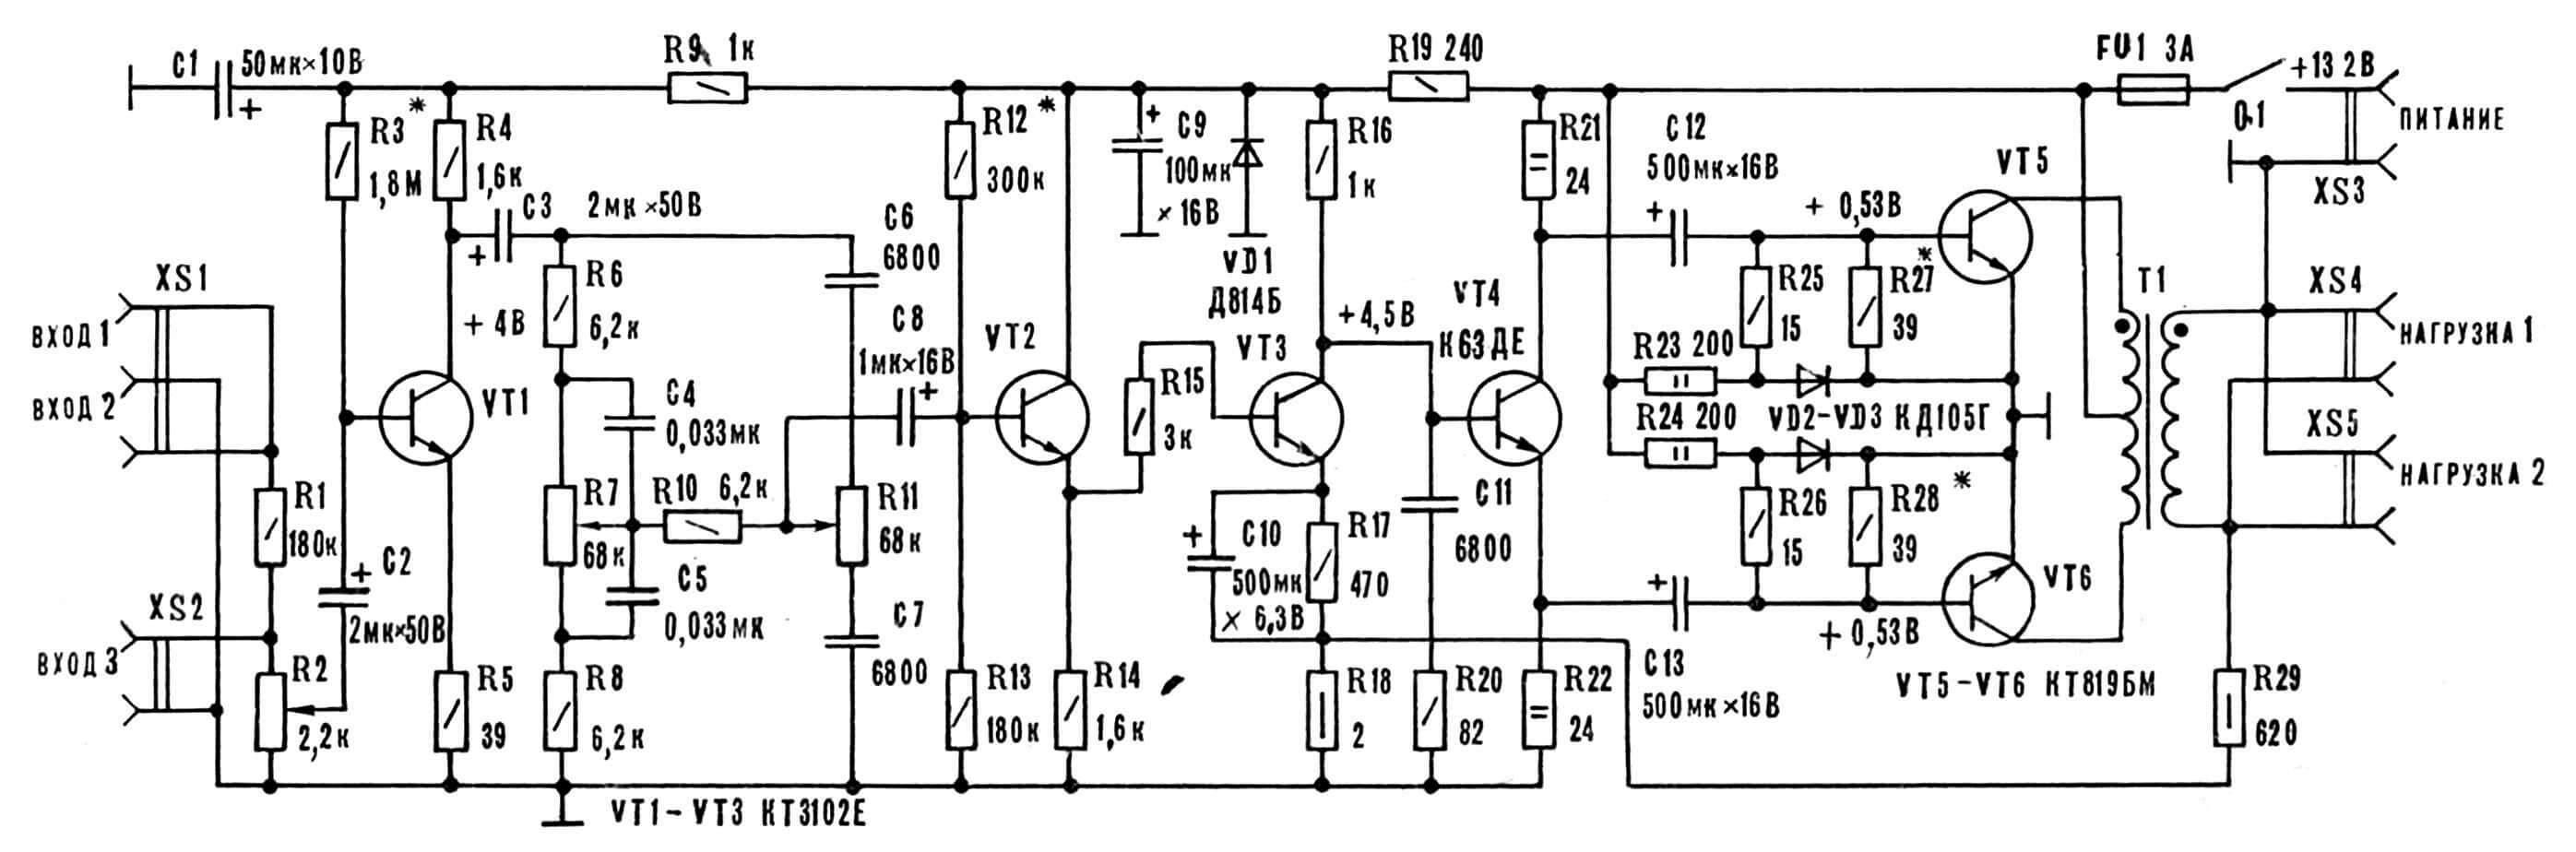 Рис. 1. Принципиальная электрическая схема усилителя.